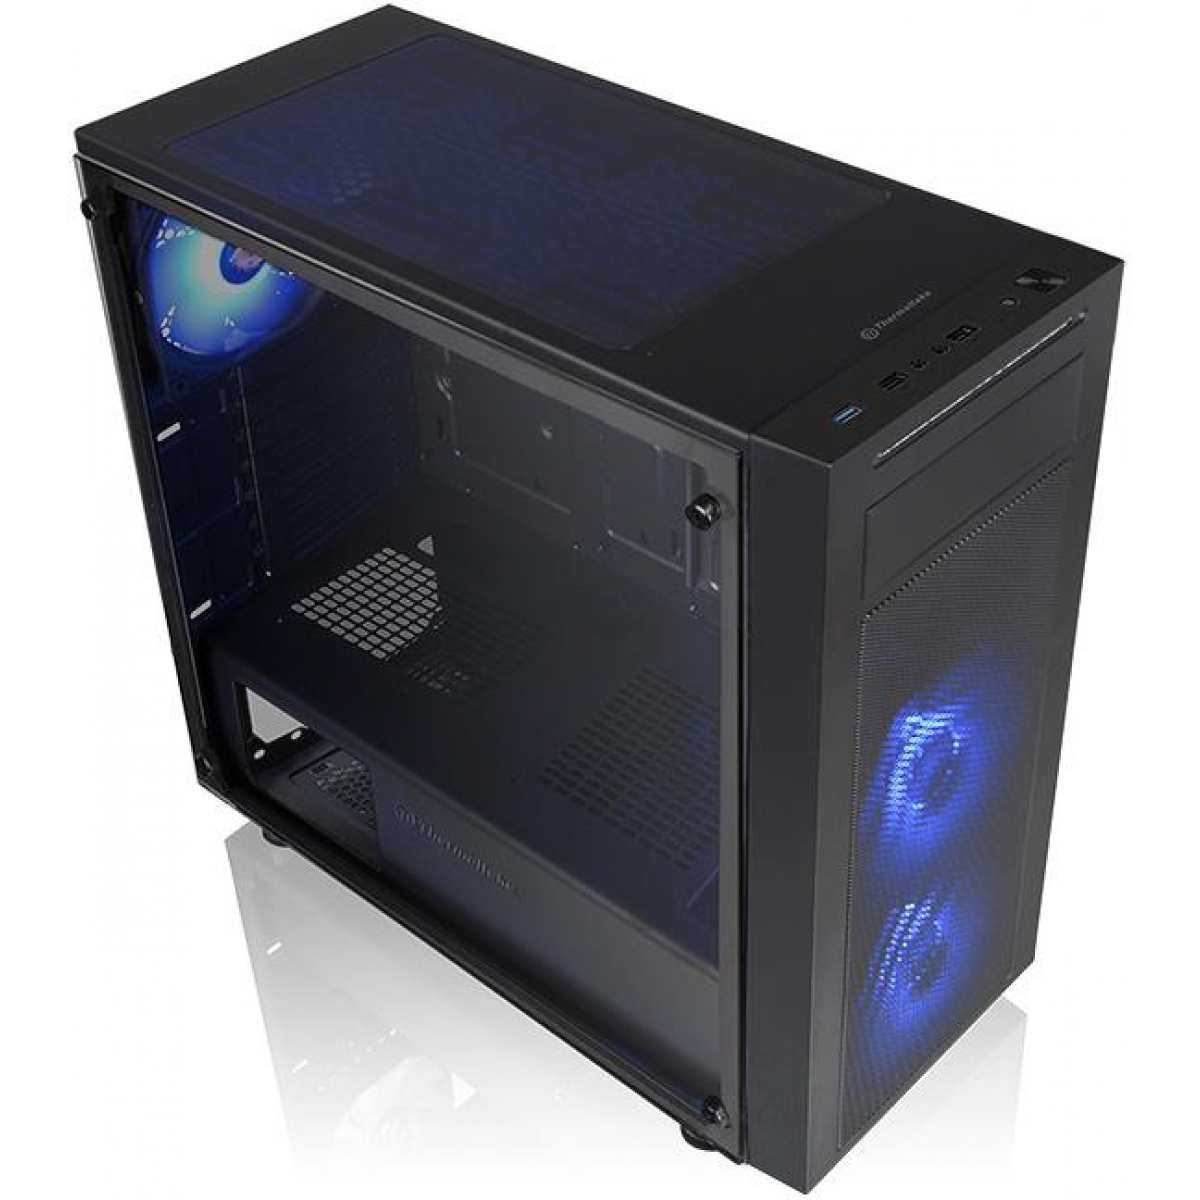 Gabinete Gamer Thermaltake Versa J22 RGB, Mid Tower, Vidro temperado, Black, Sem Fonte, Com 3 Fans, CA-1L5-00M1WN-01